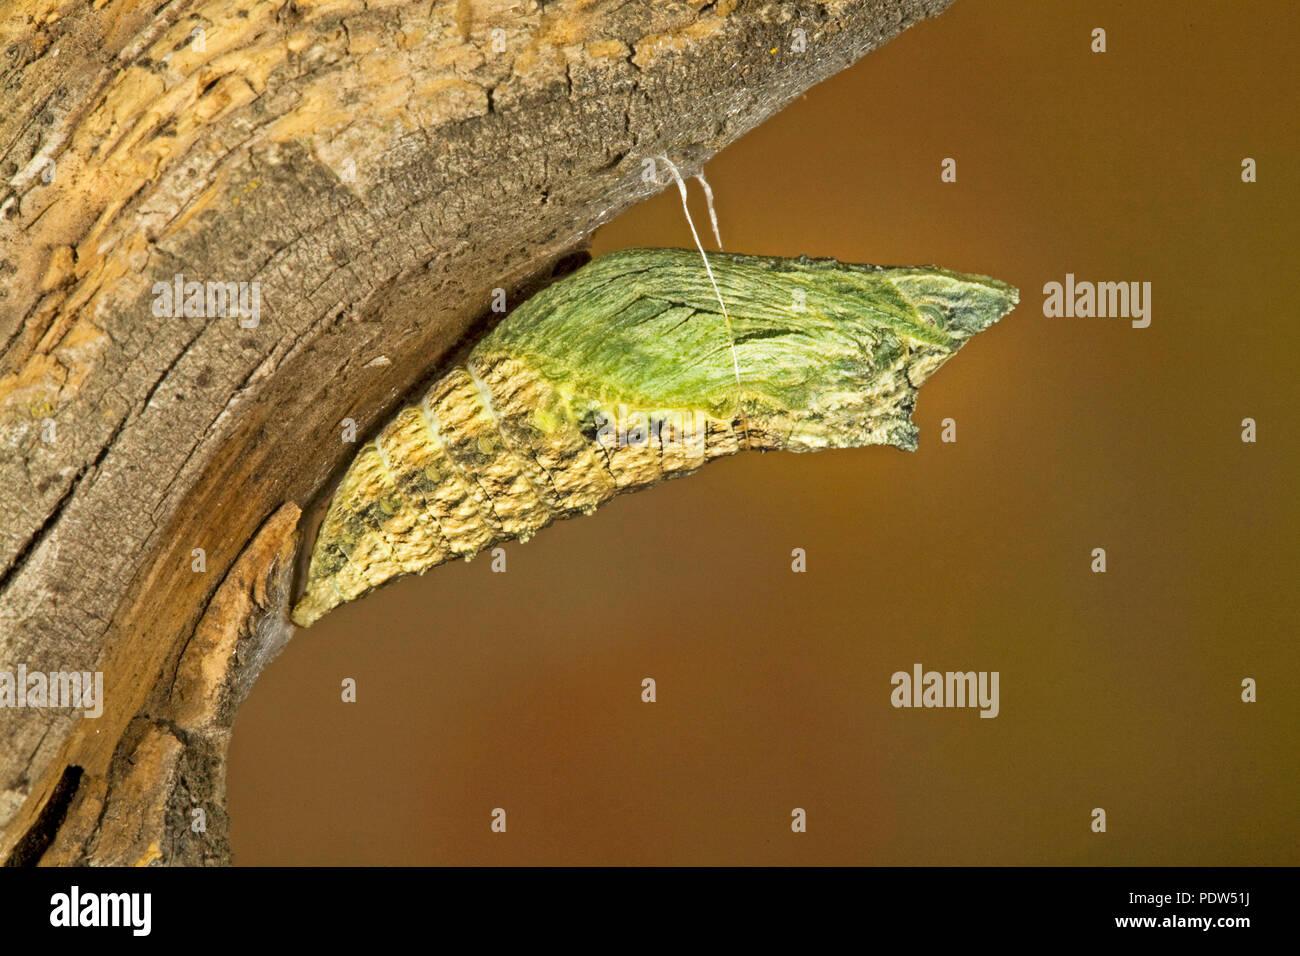 L'étape d'une chrysalide Anis swallowtail butterfly, Caterpillar, silked Papil à une branche d'arbre, dans la chaîne des Cascades de centre de l'Oregon. Photo Stock